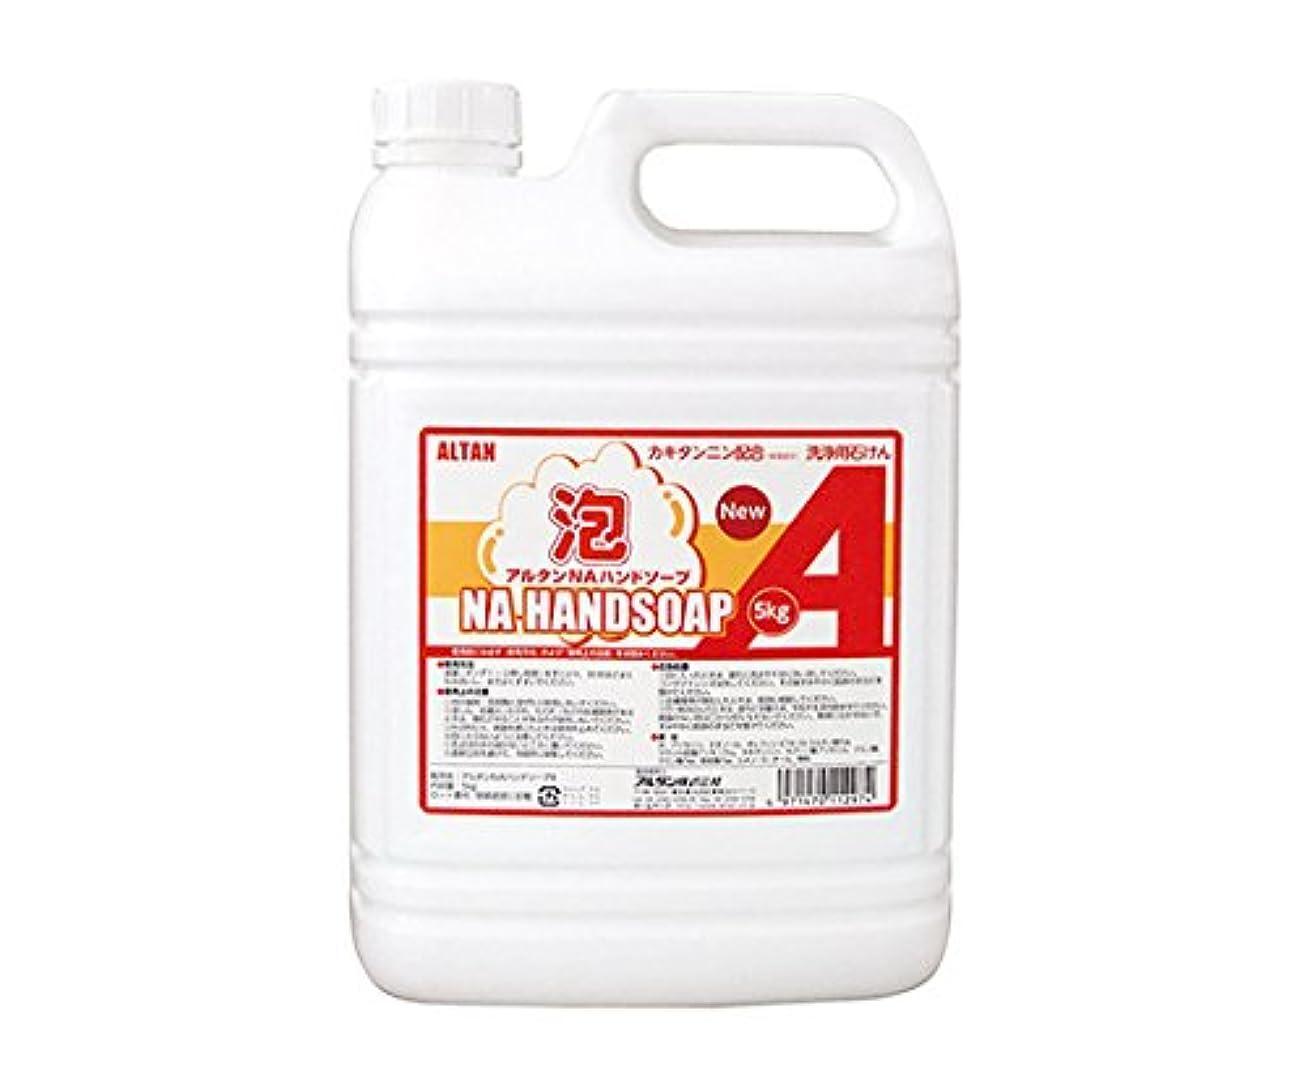 グリップ餌ホイストアルタン8-6589-11アルタンNAハンドソープ詰替用5000mL